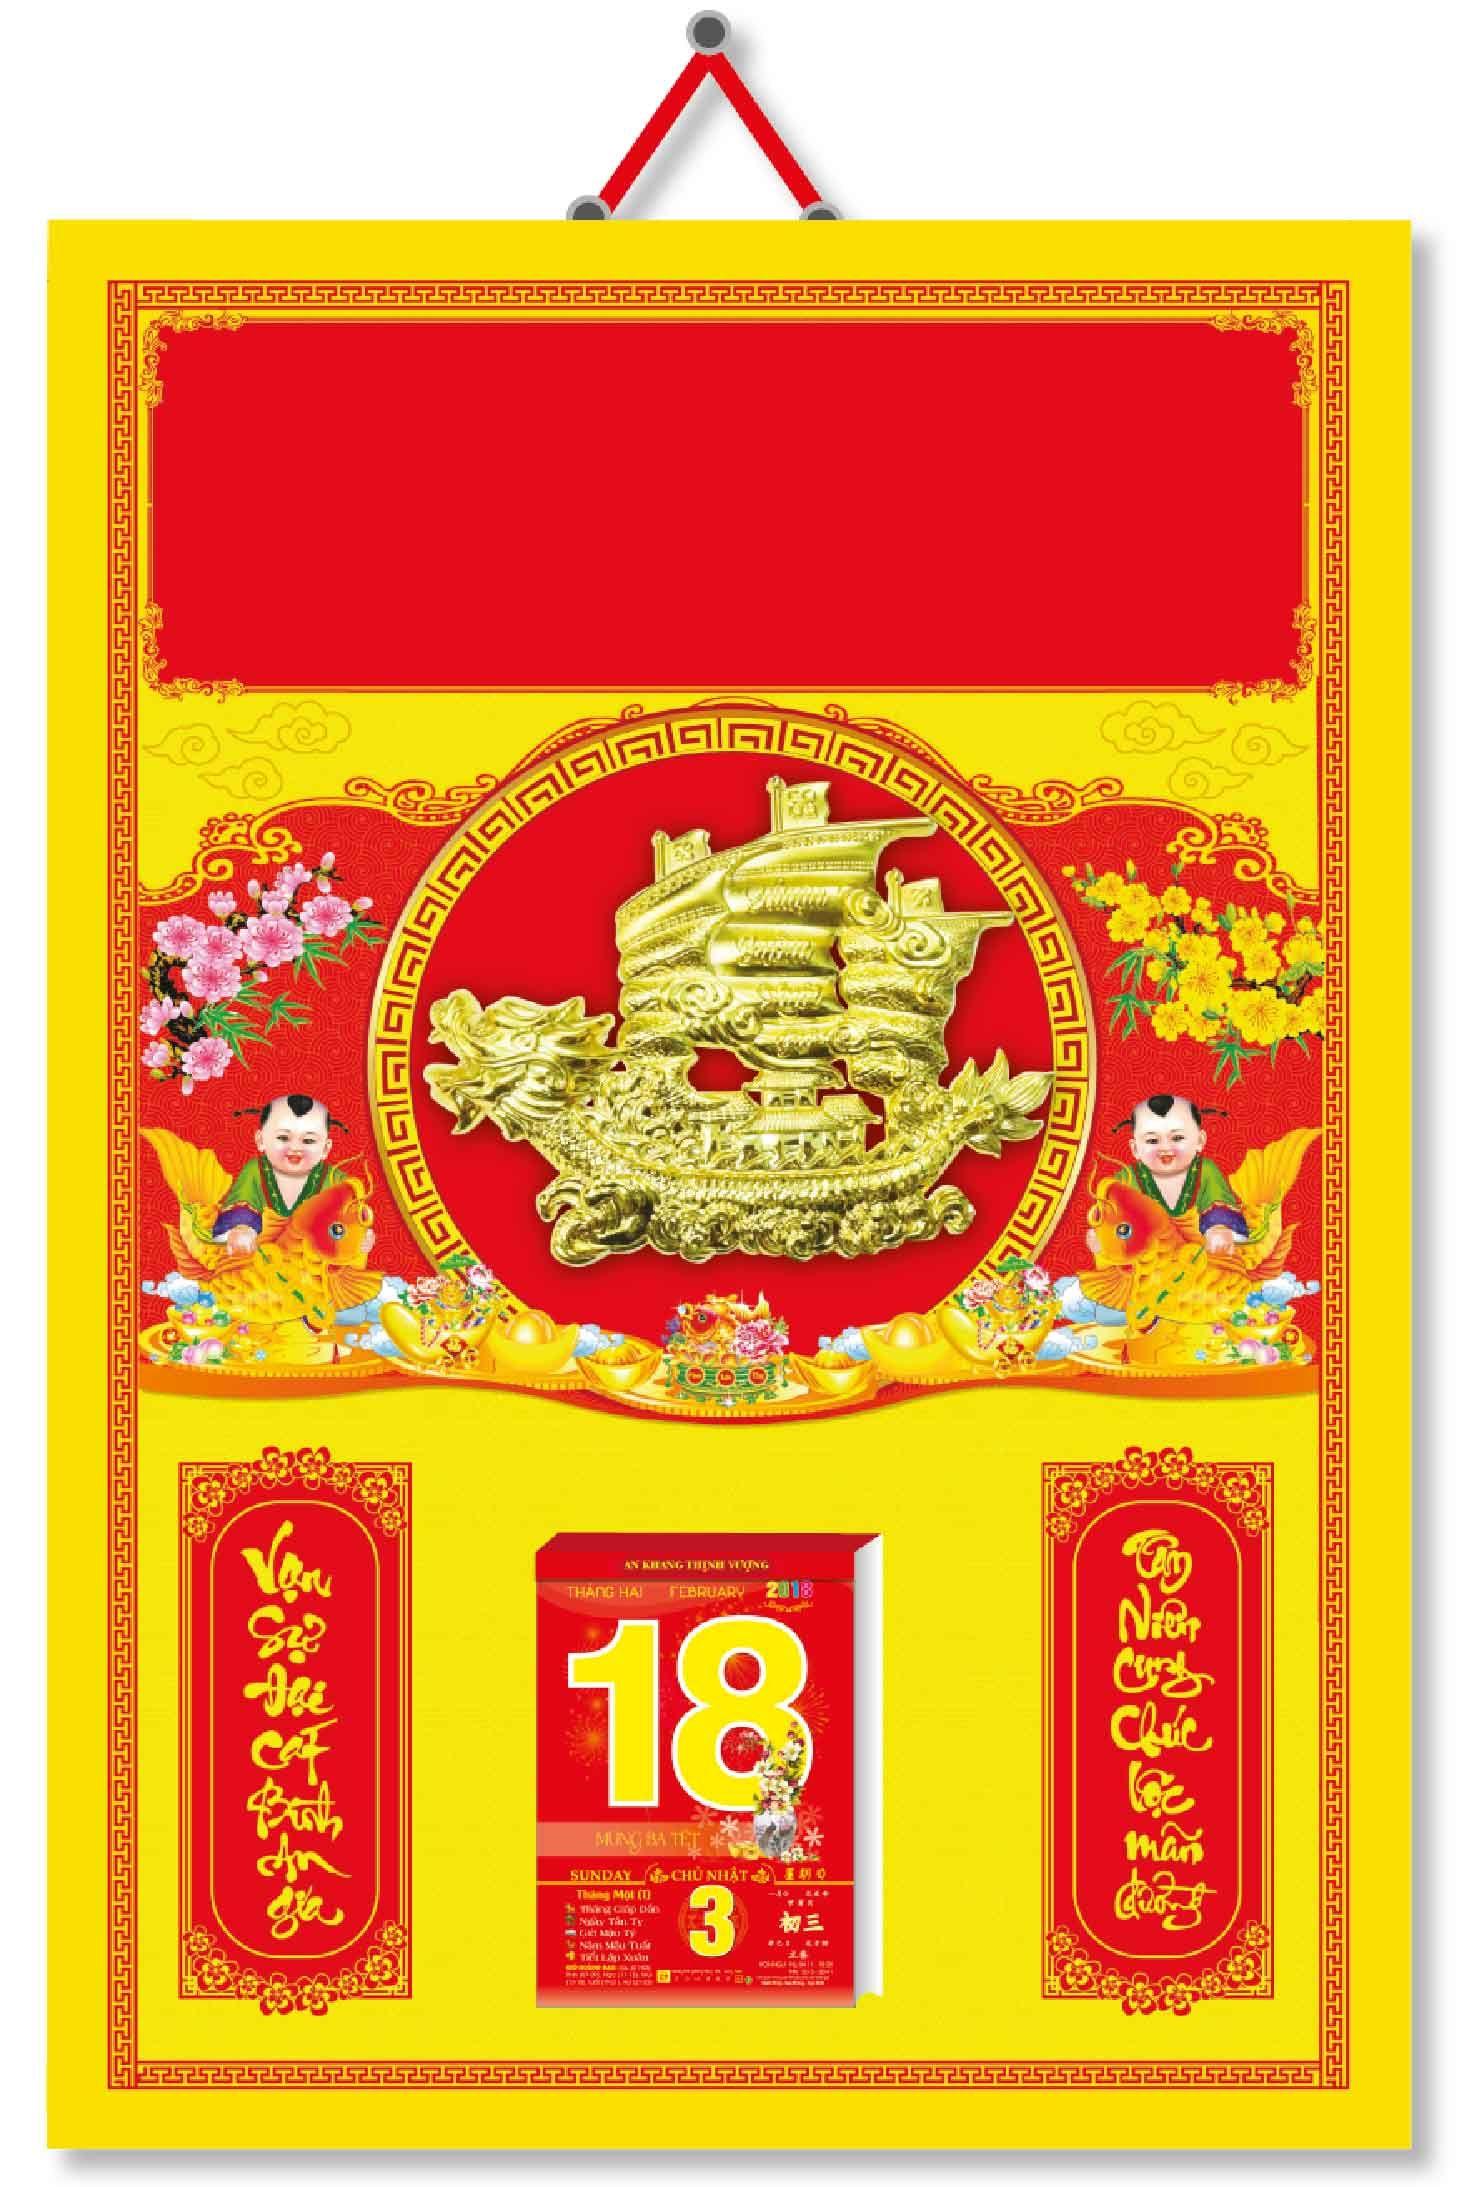 KV318- Bìa Treo Lịch Đỏ 2018 Dán Chữ Nổi (40 x 60 cm) - Em Bé, Dán Nổi Hình Thuyền Rồng